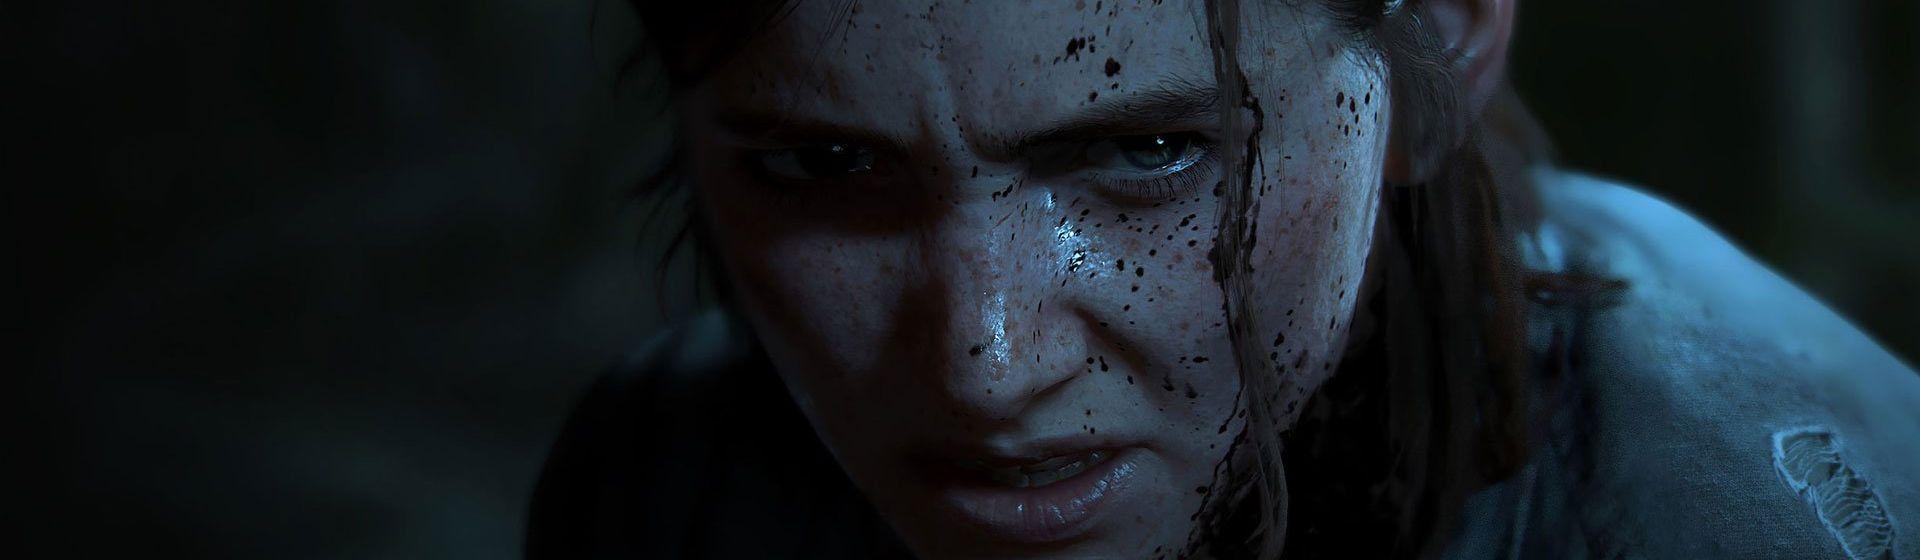 The Last of Us 2 é o jogo de PS4 mais vendido em junho; veja ranking